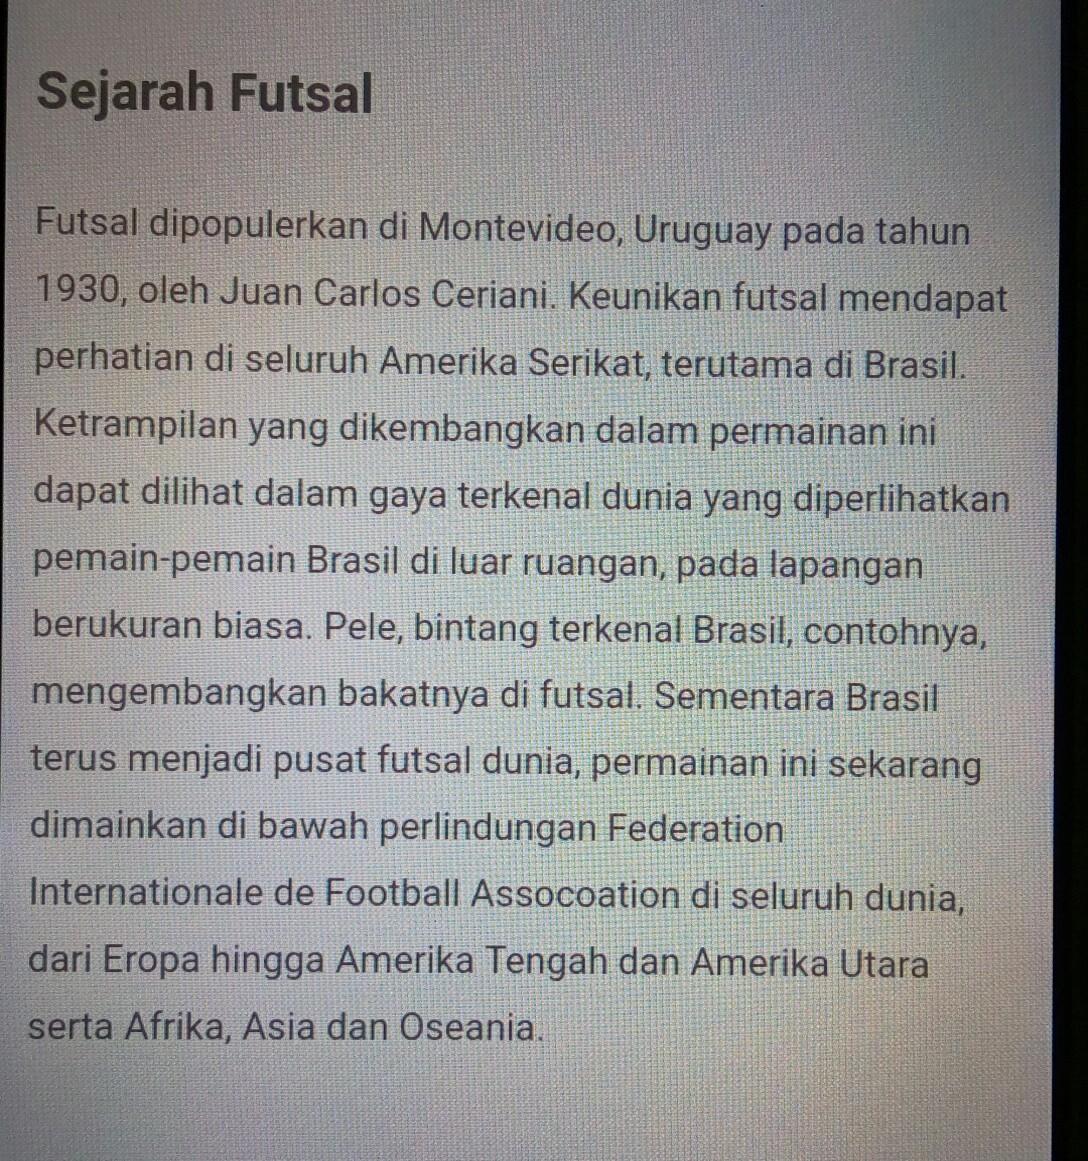 Sejarah Singkat Permainan Futsal Brainly Co Id